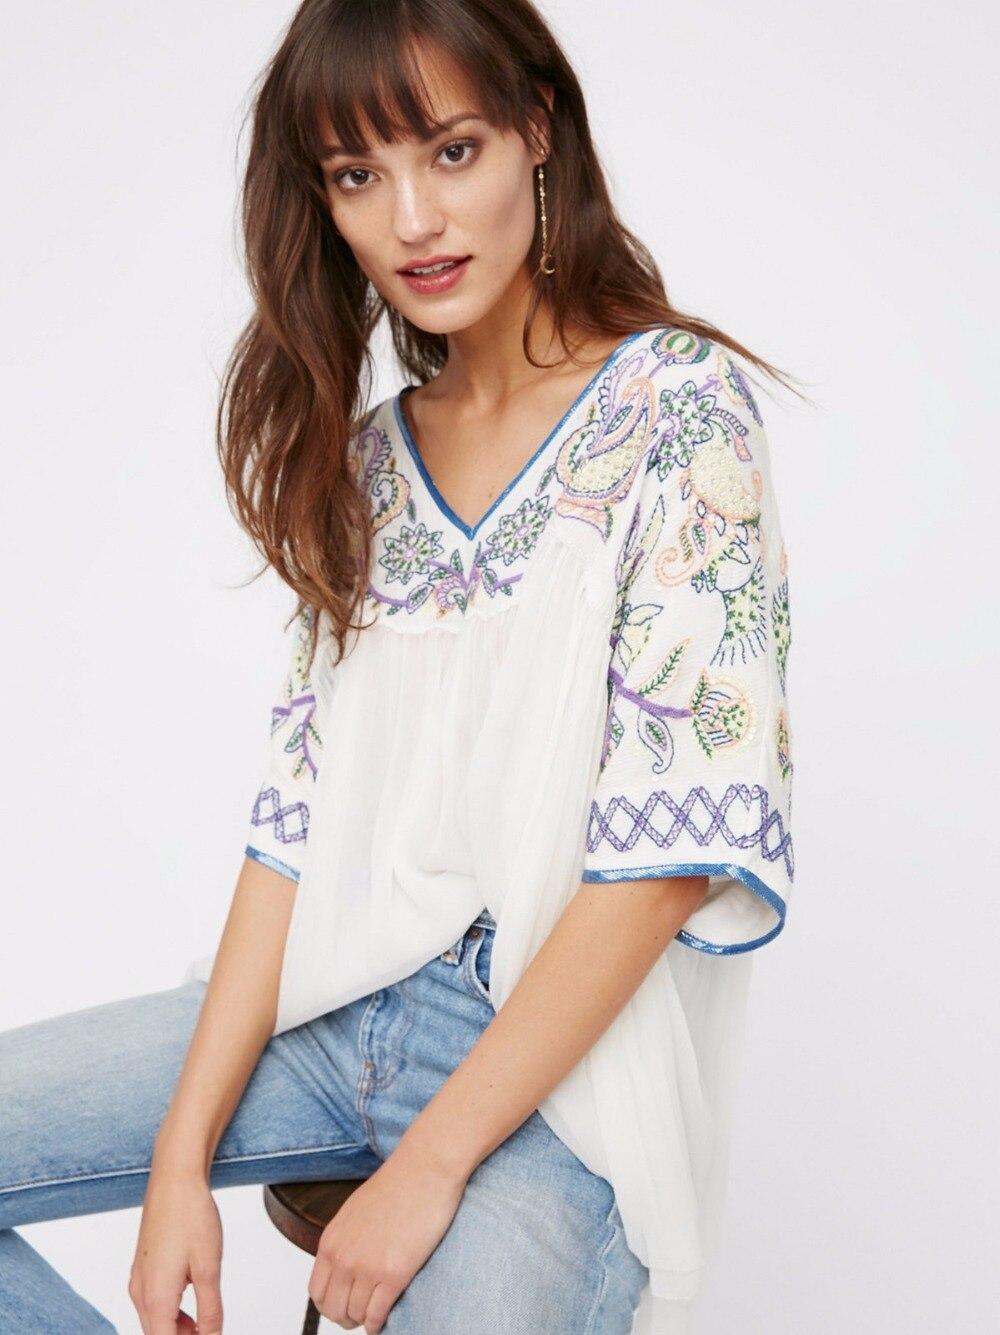 À Femmes Col Lâche 2017 Courtes Gens Sexy Huan Shirt Blanc De Bohême Doux shirt D'été V T Tops Cru Manches T Broderie qing qtWTg